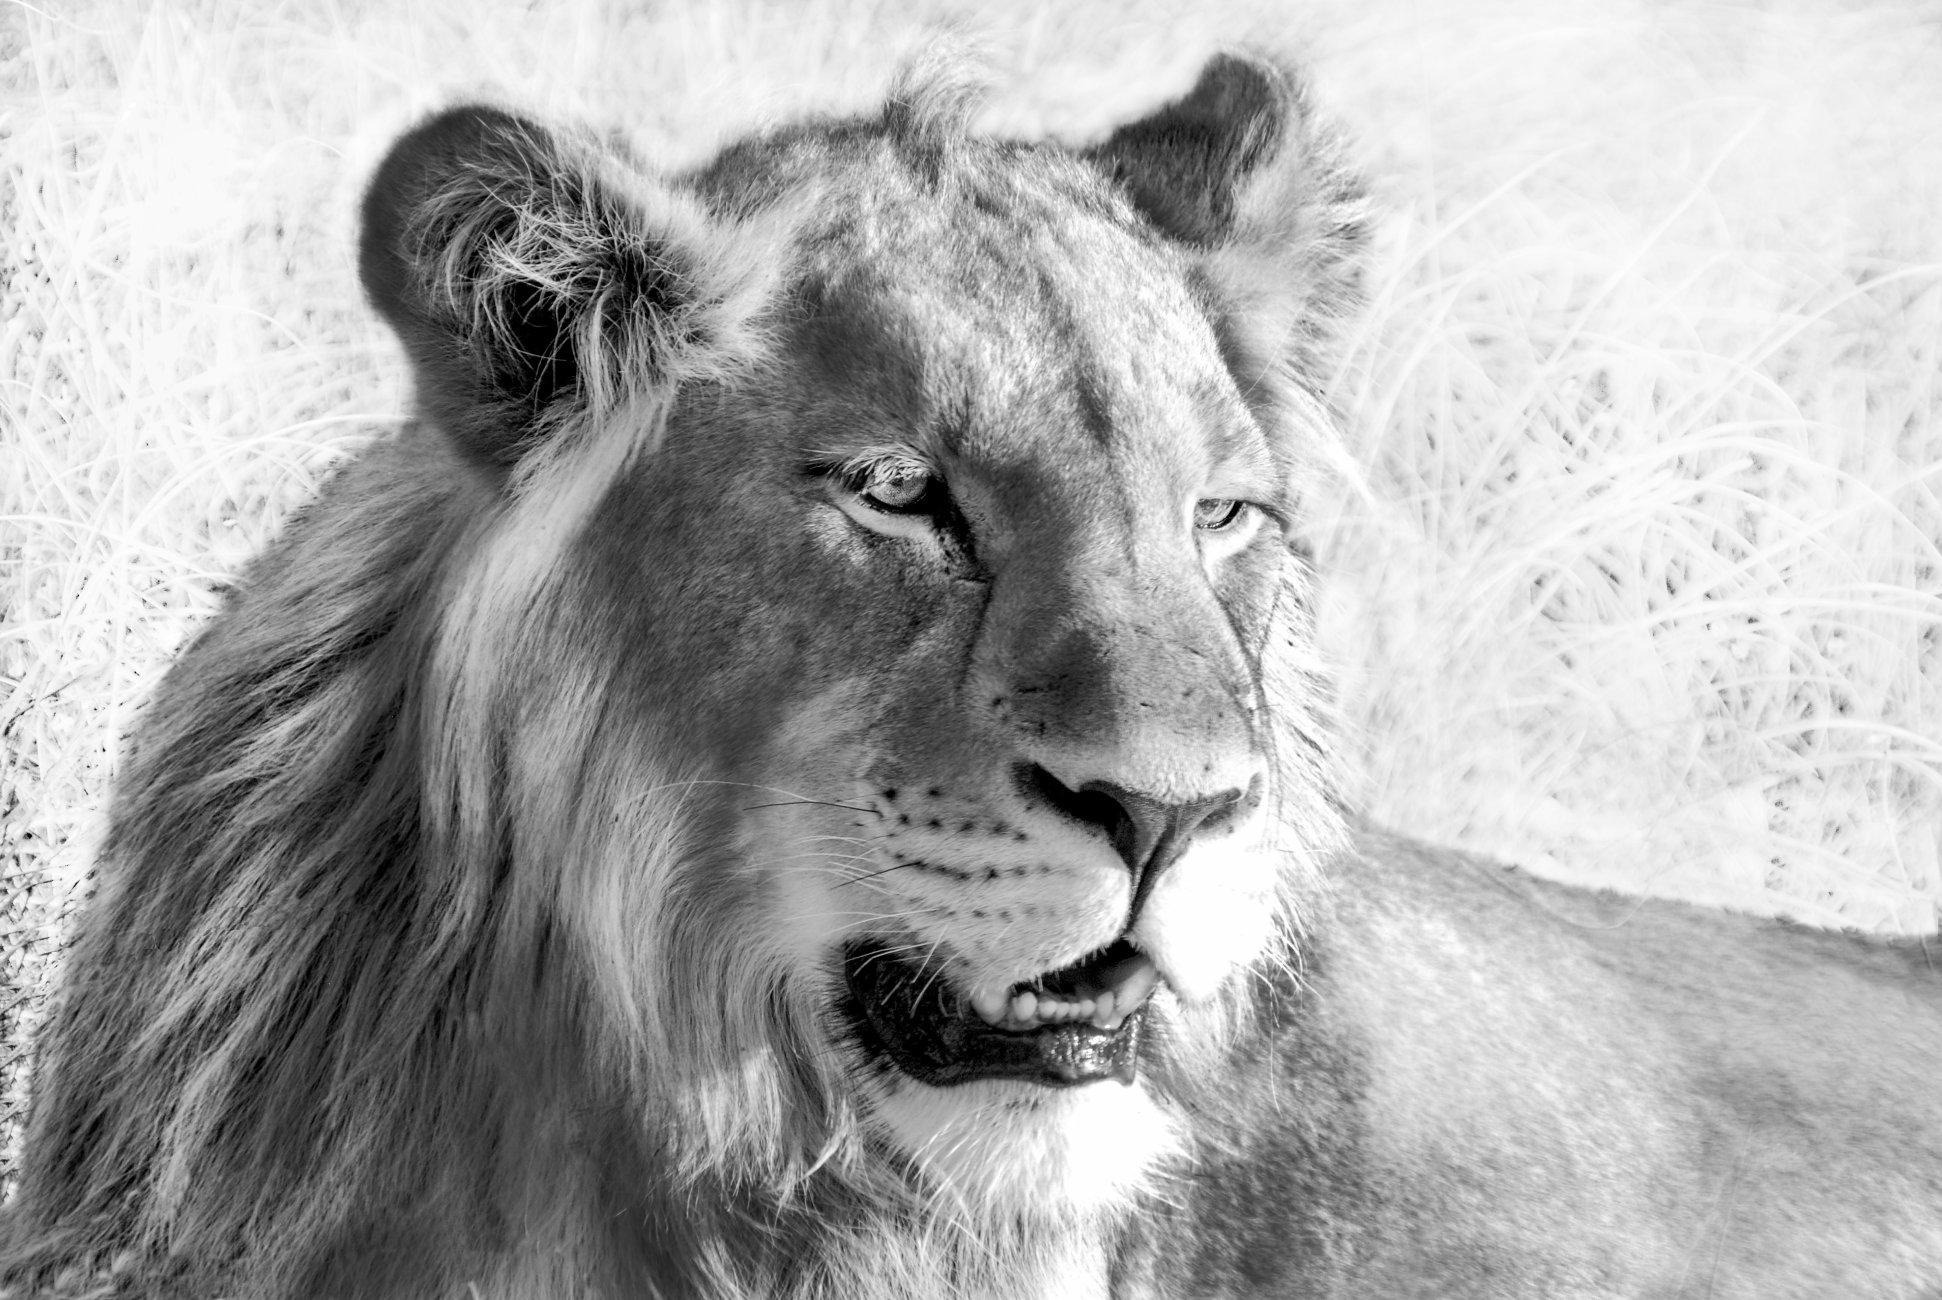 Mono Lion